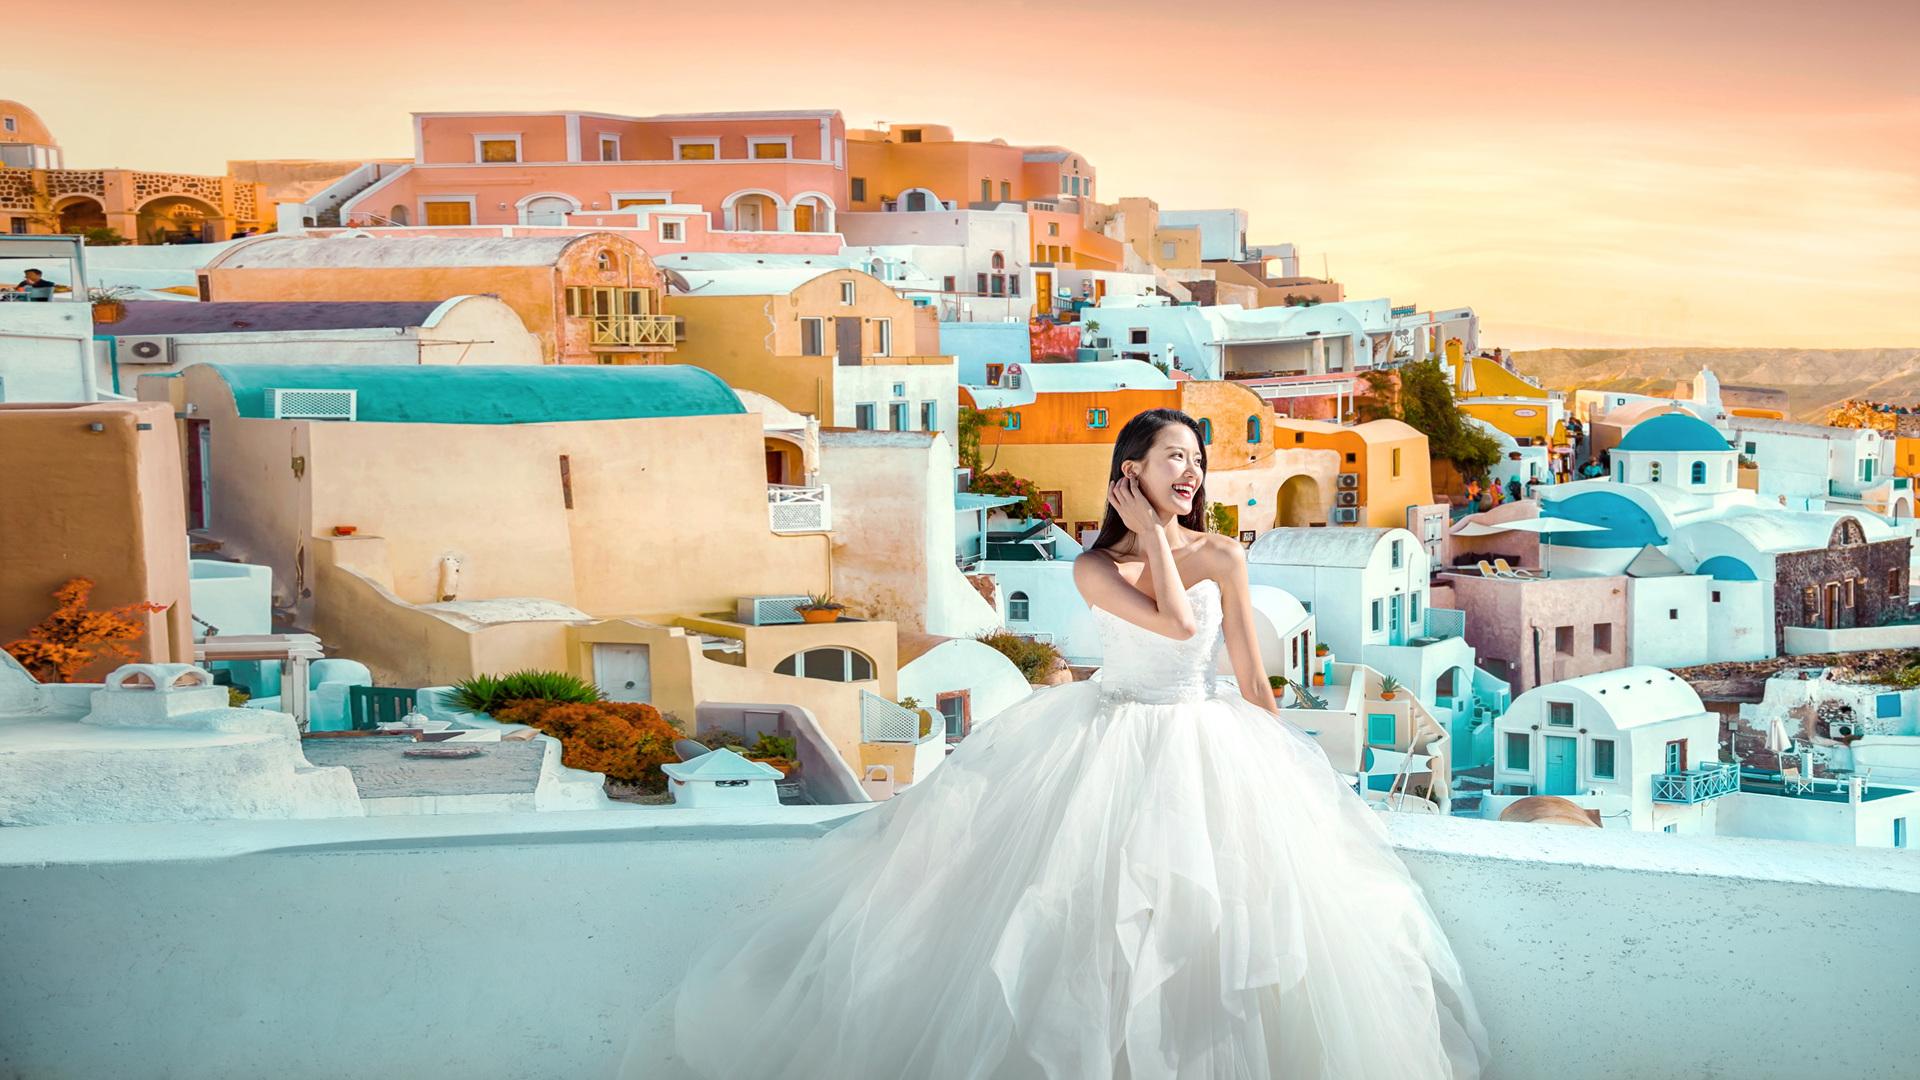 厦门婚纱摄影排行榜拍摄 厦门婚纱照多久洗出来